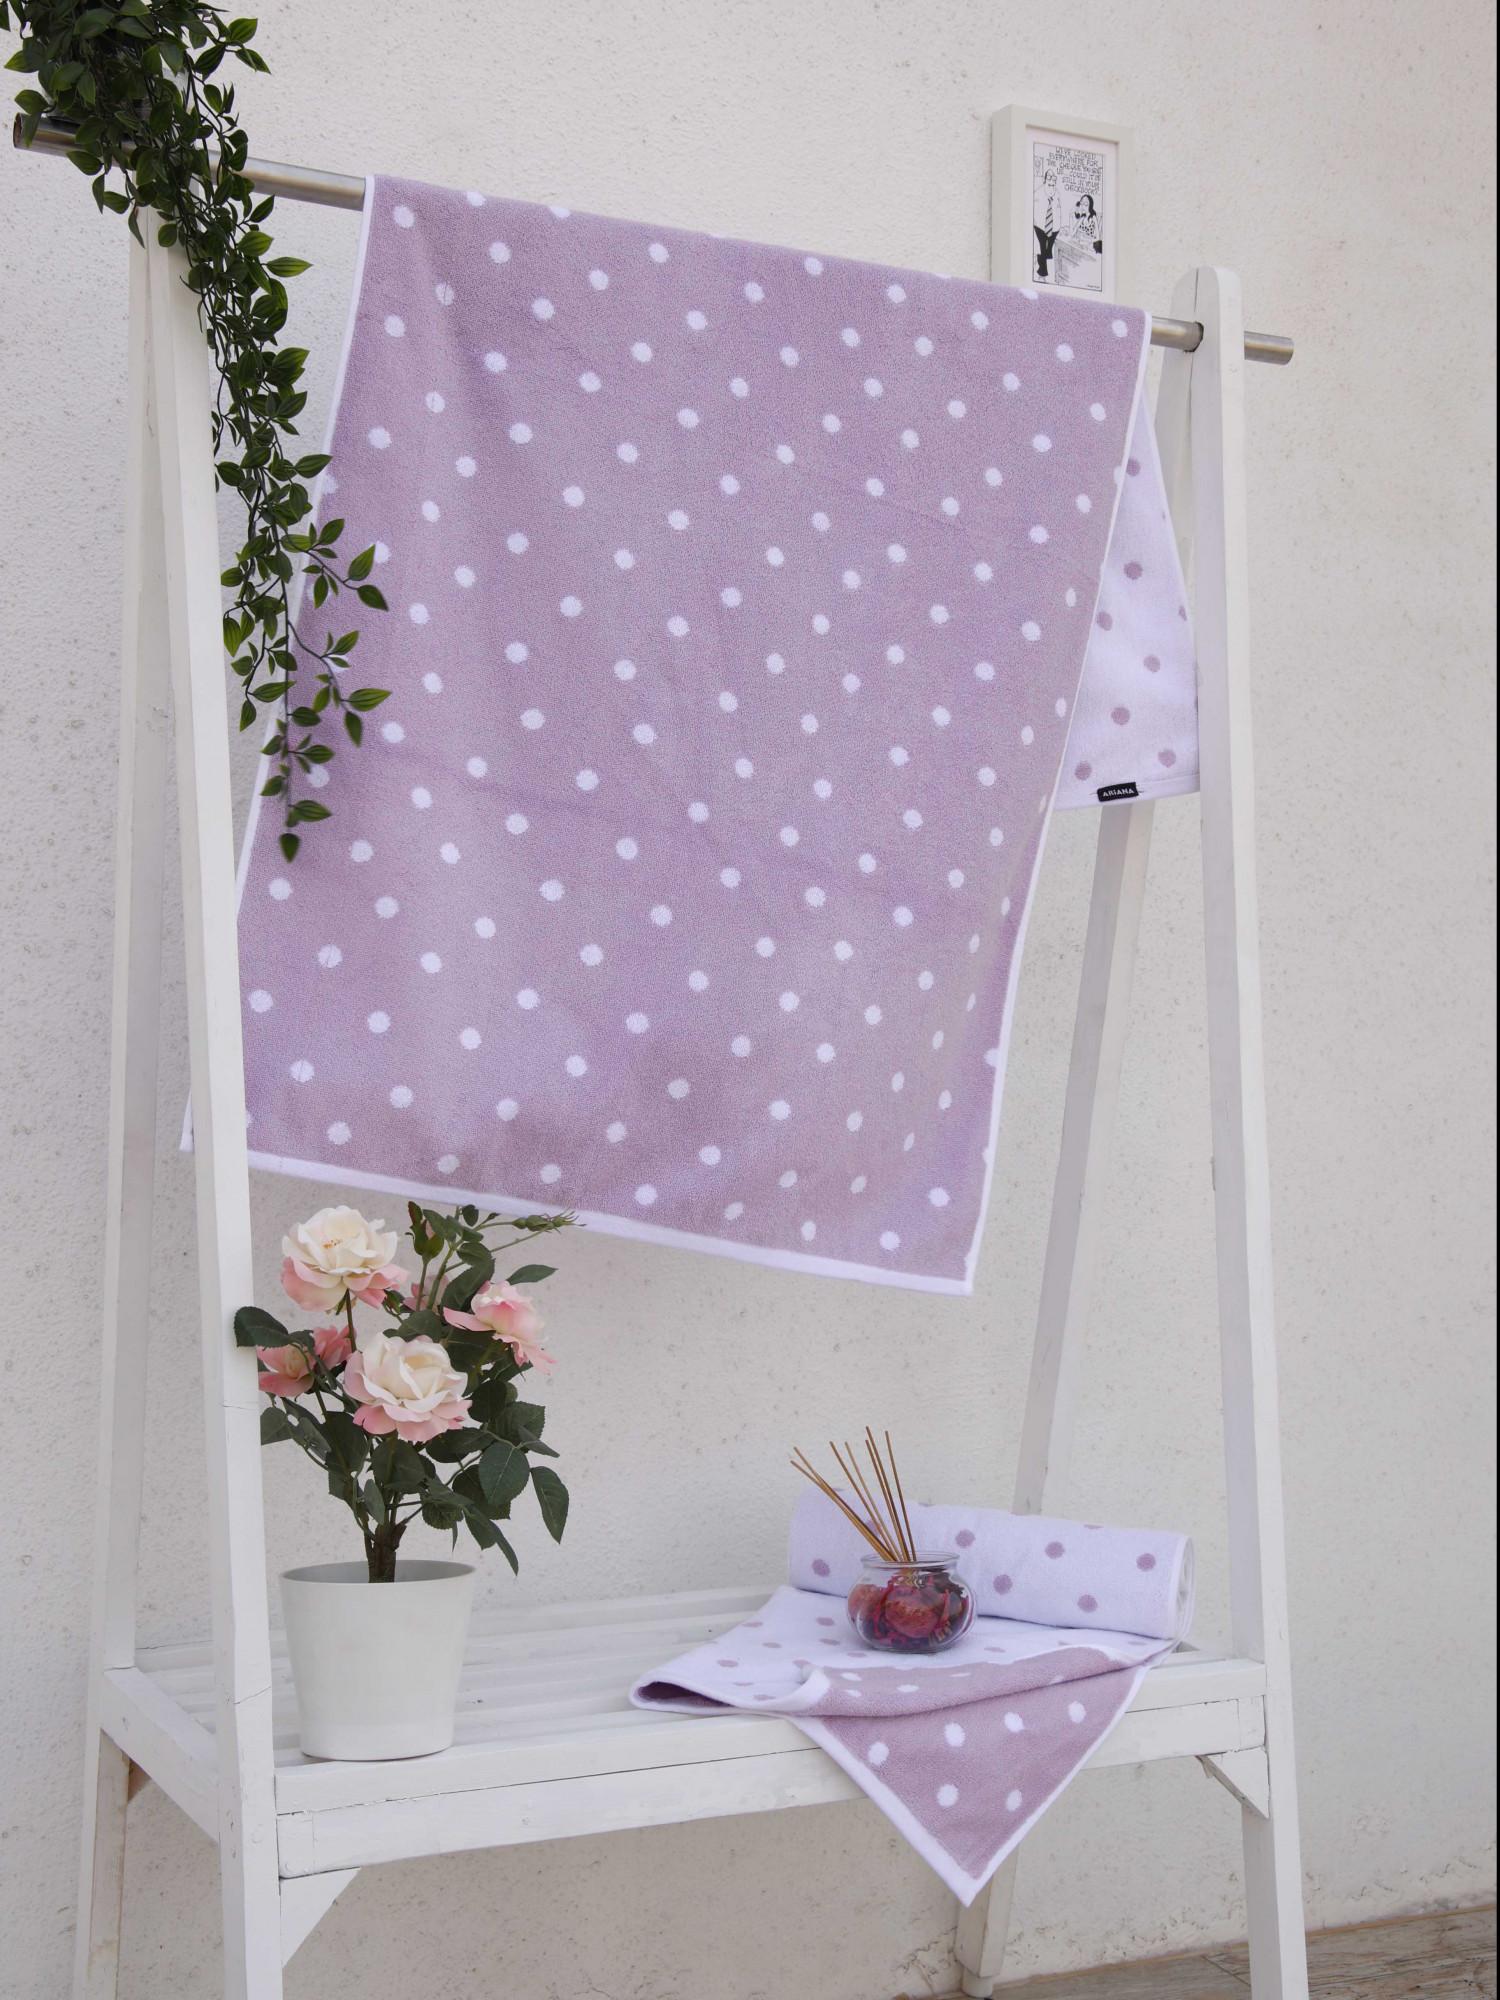 Majestic Polka Dots D1 Towel